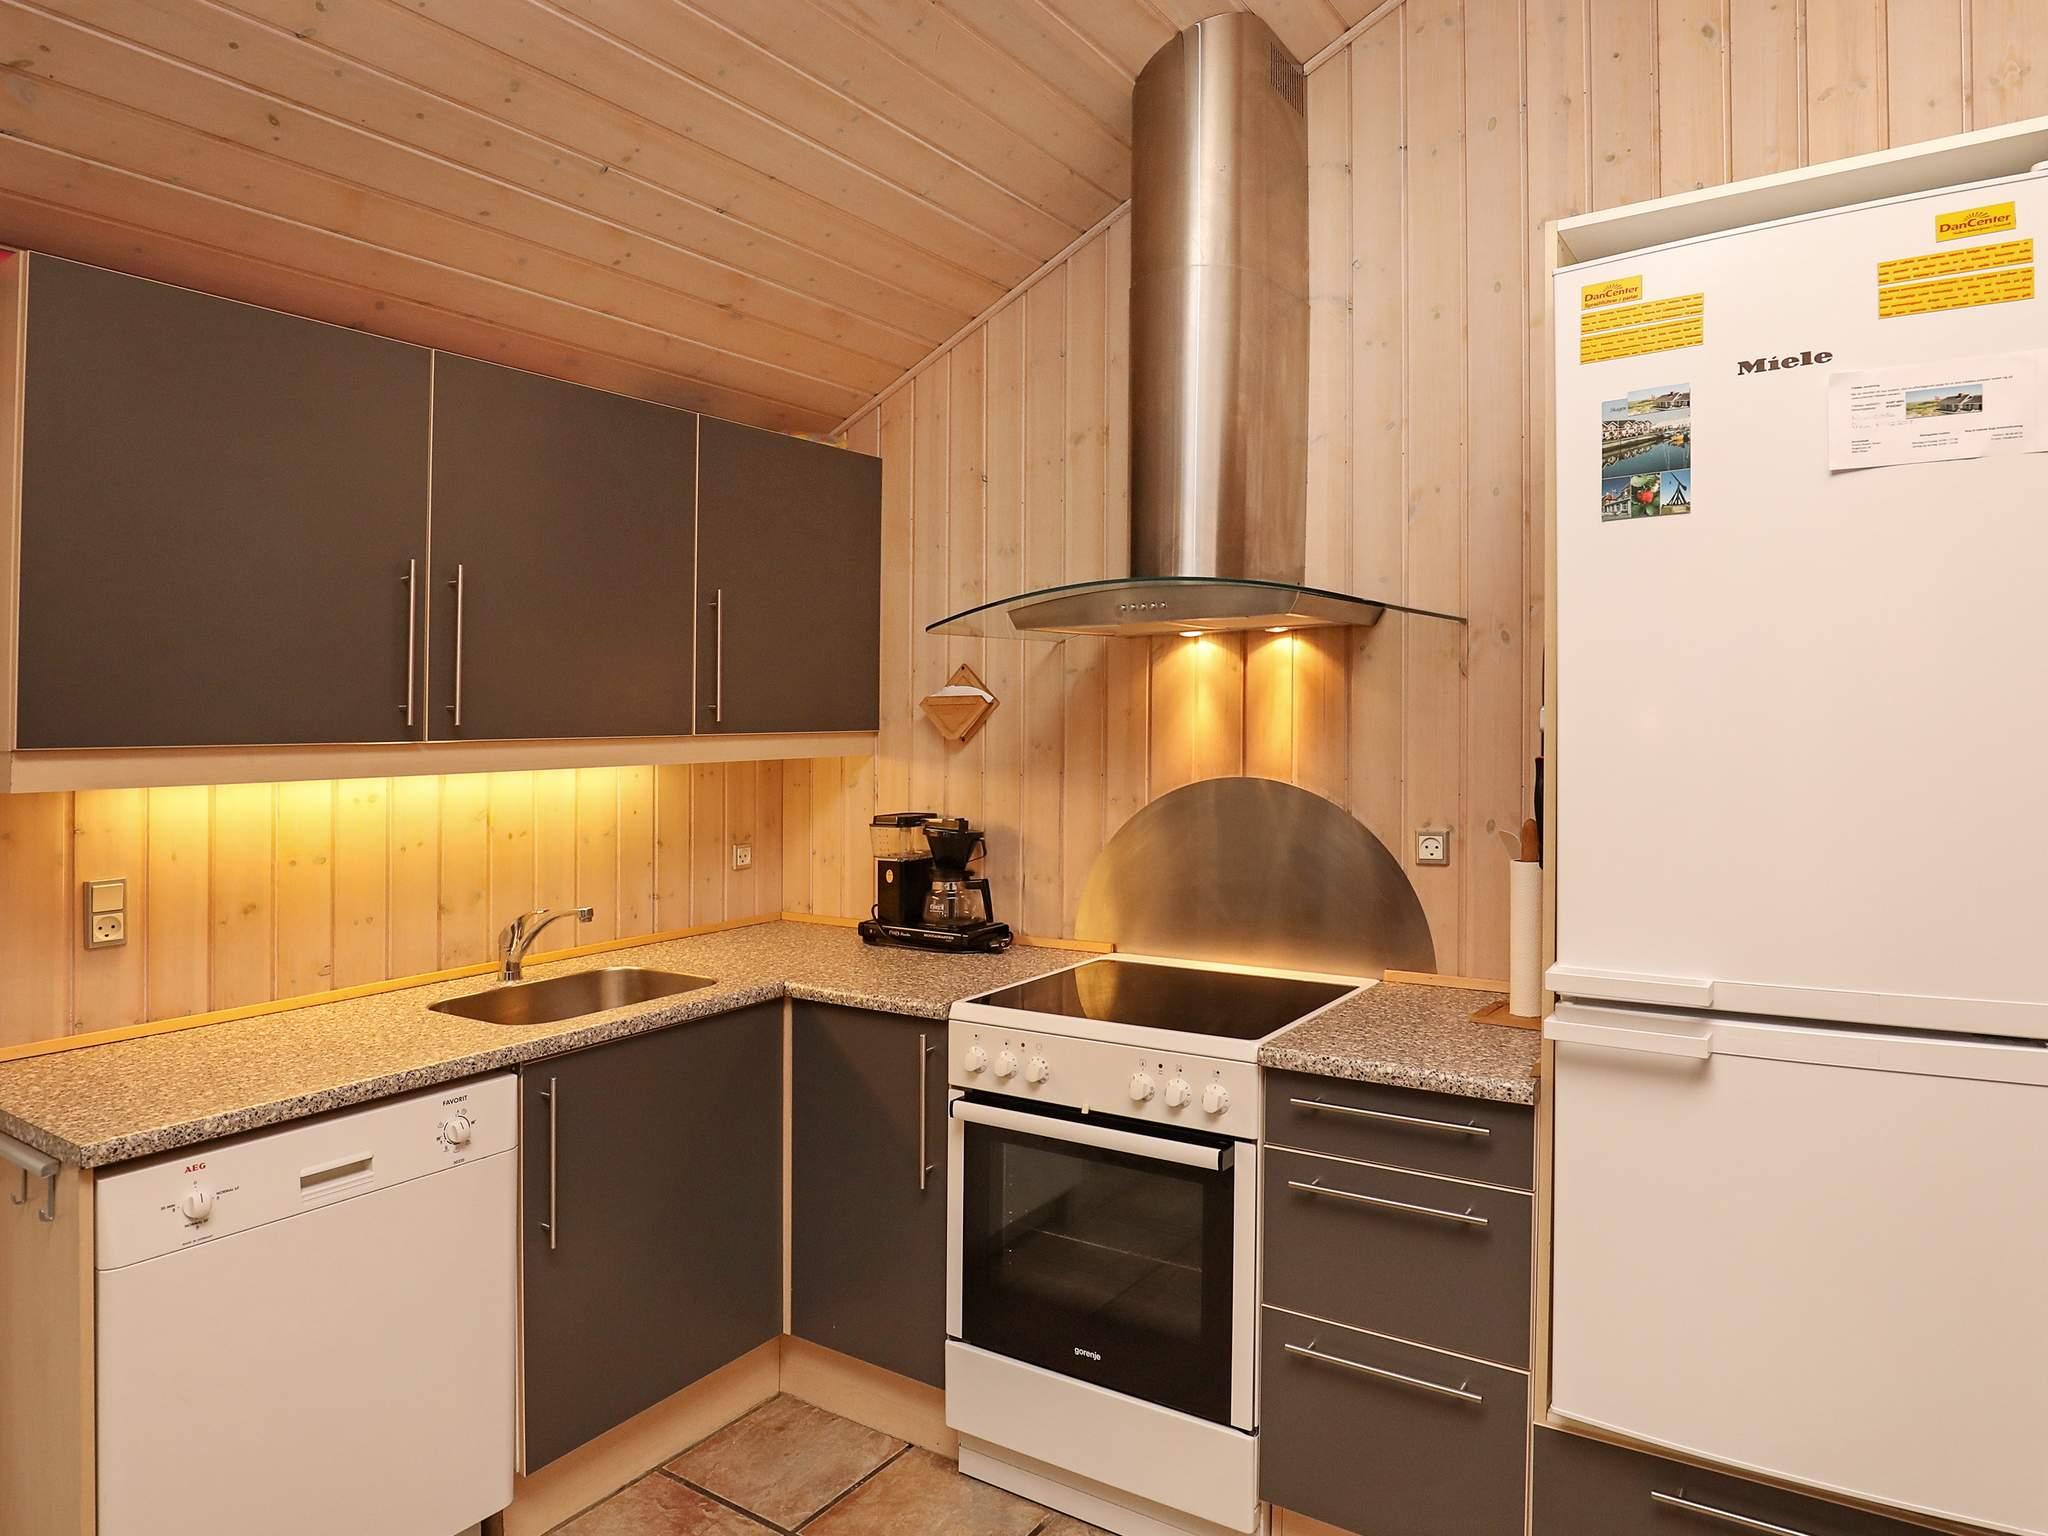 Ferienhaus Lodskovvad (683644), Lodskovvad, , Dänische Nordsee, Dänemark, Bild 5